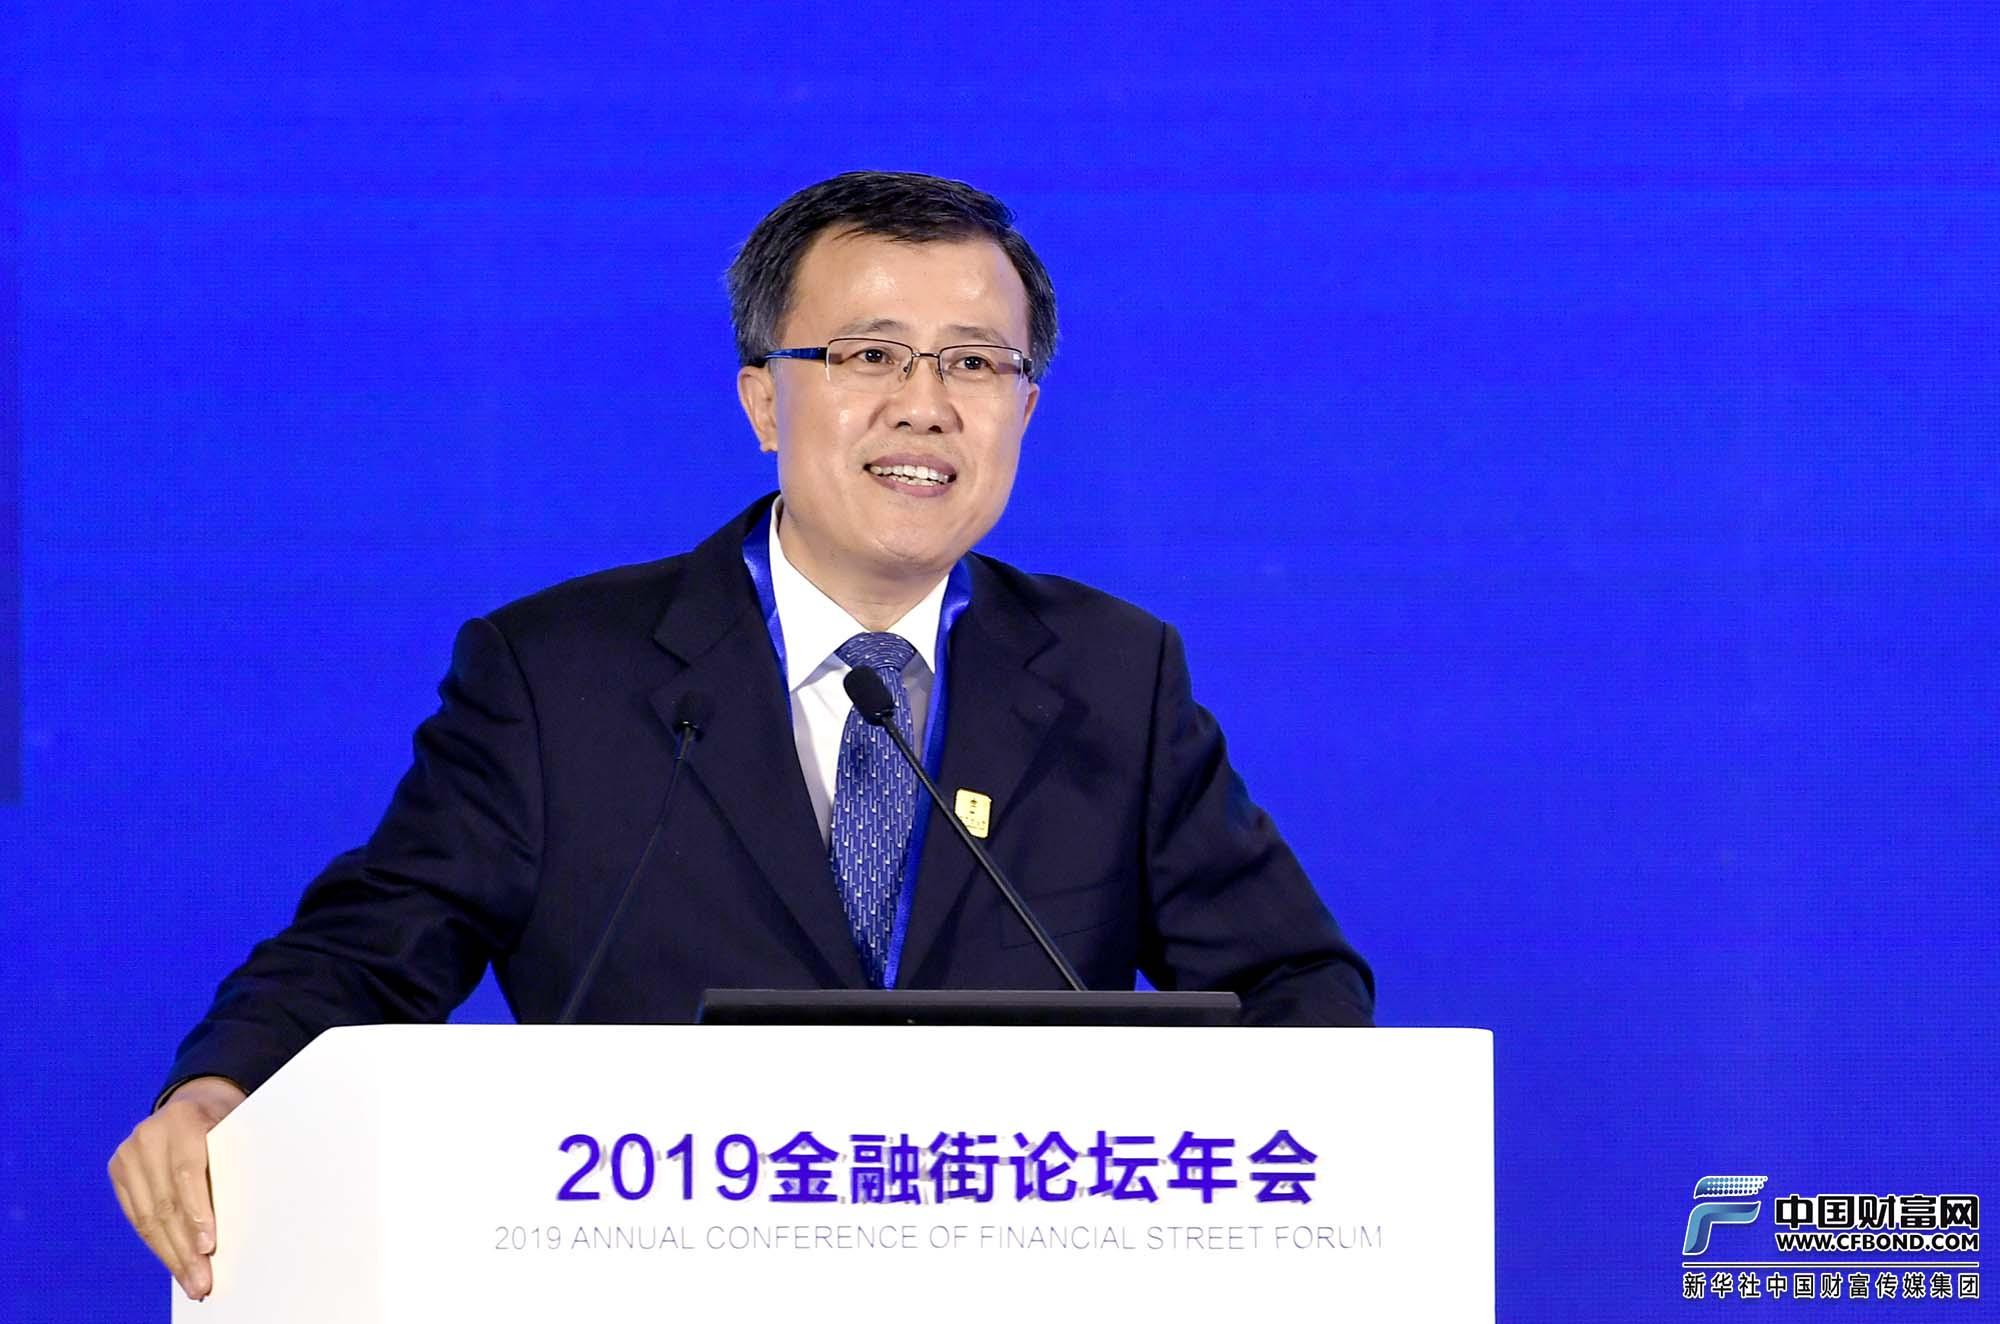 演讲嘉宾:中国银保监会首席风险官、办公厅主任肖远企